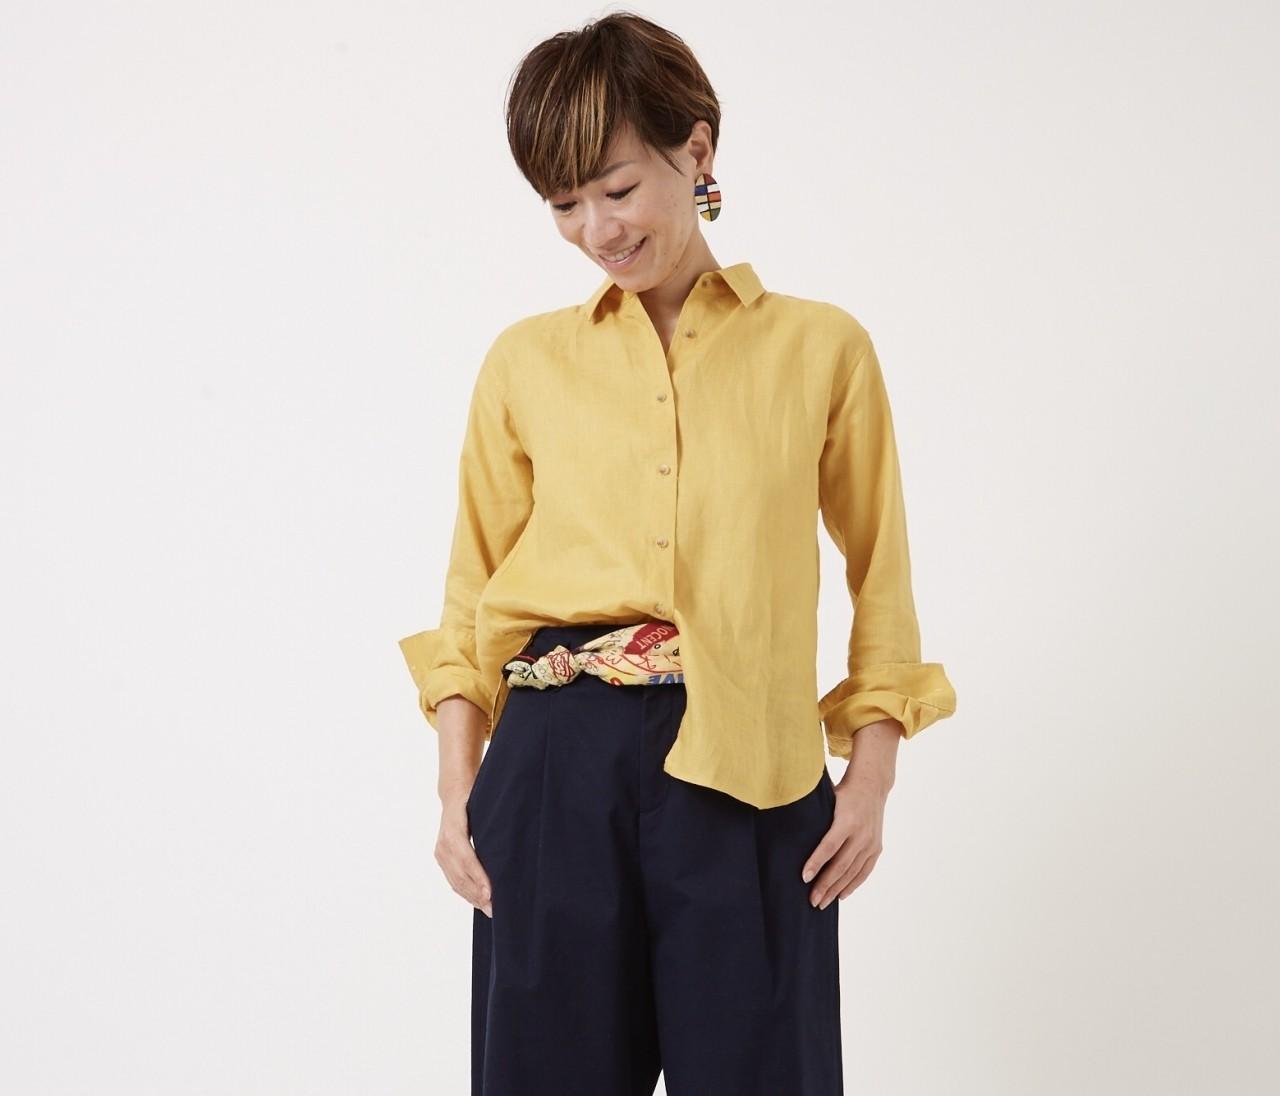 【ユニクロ】ウワサの骨格診断で、本当に似合うシャツ選びに挑戦!